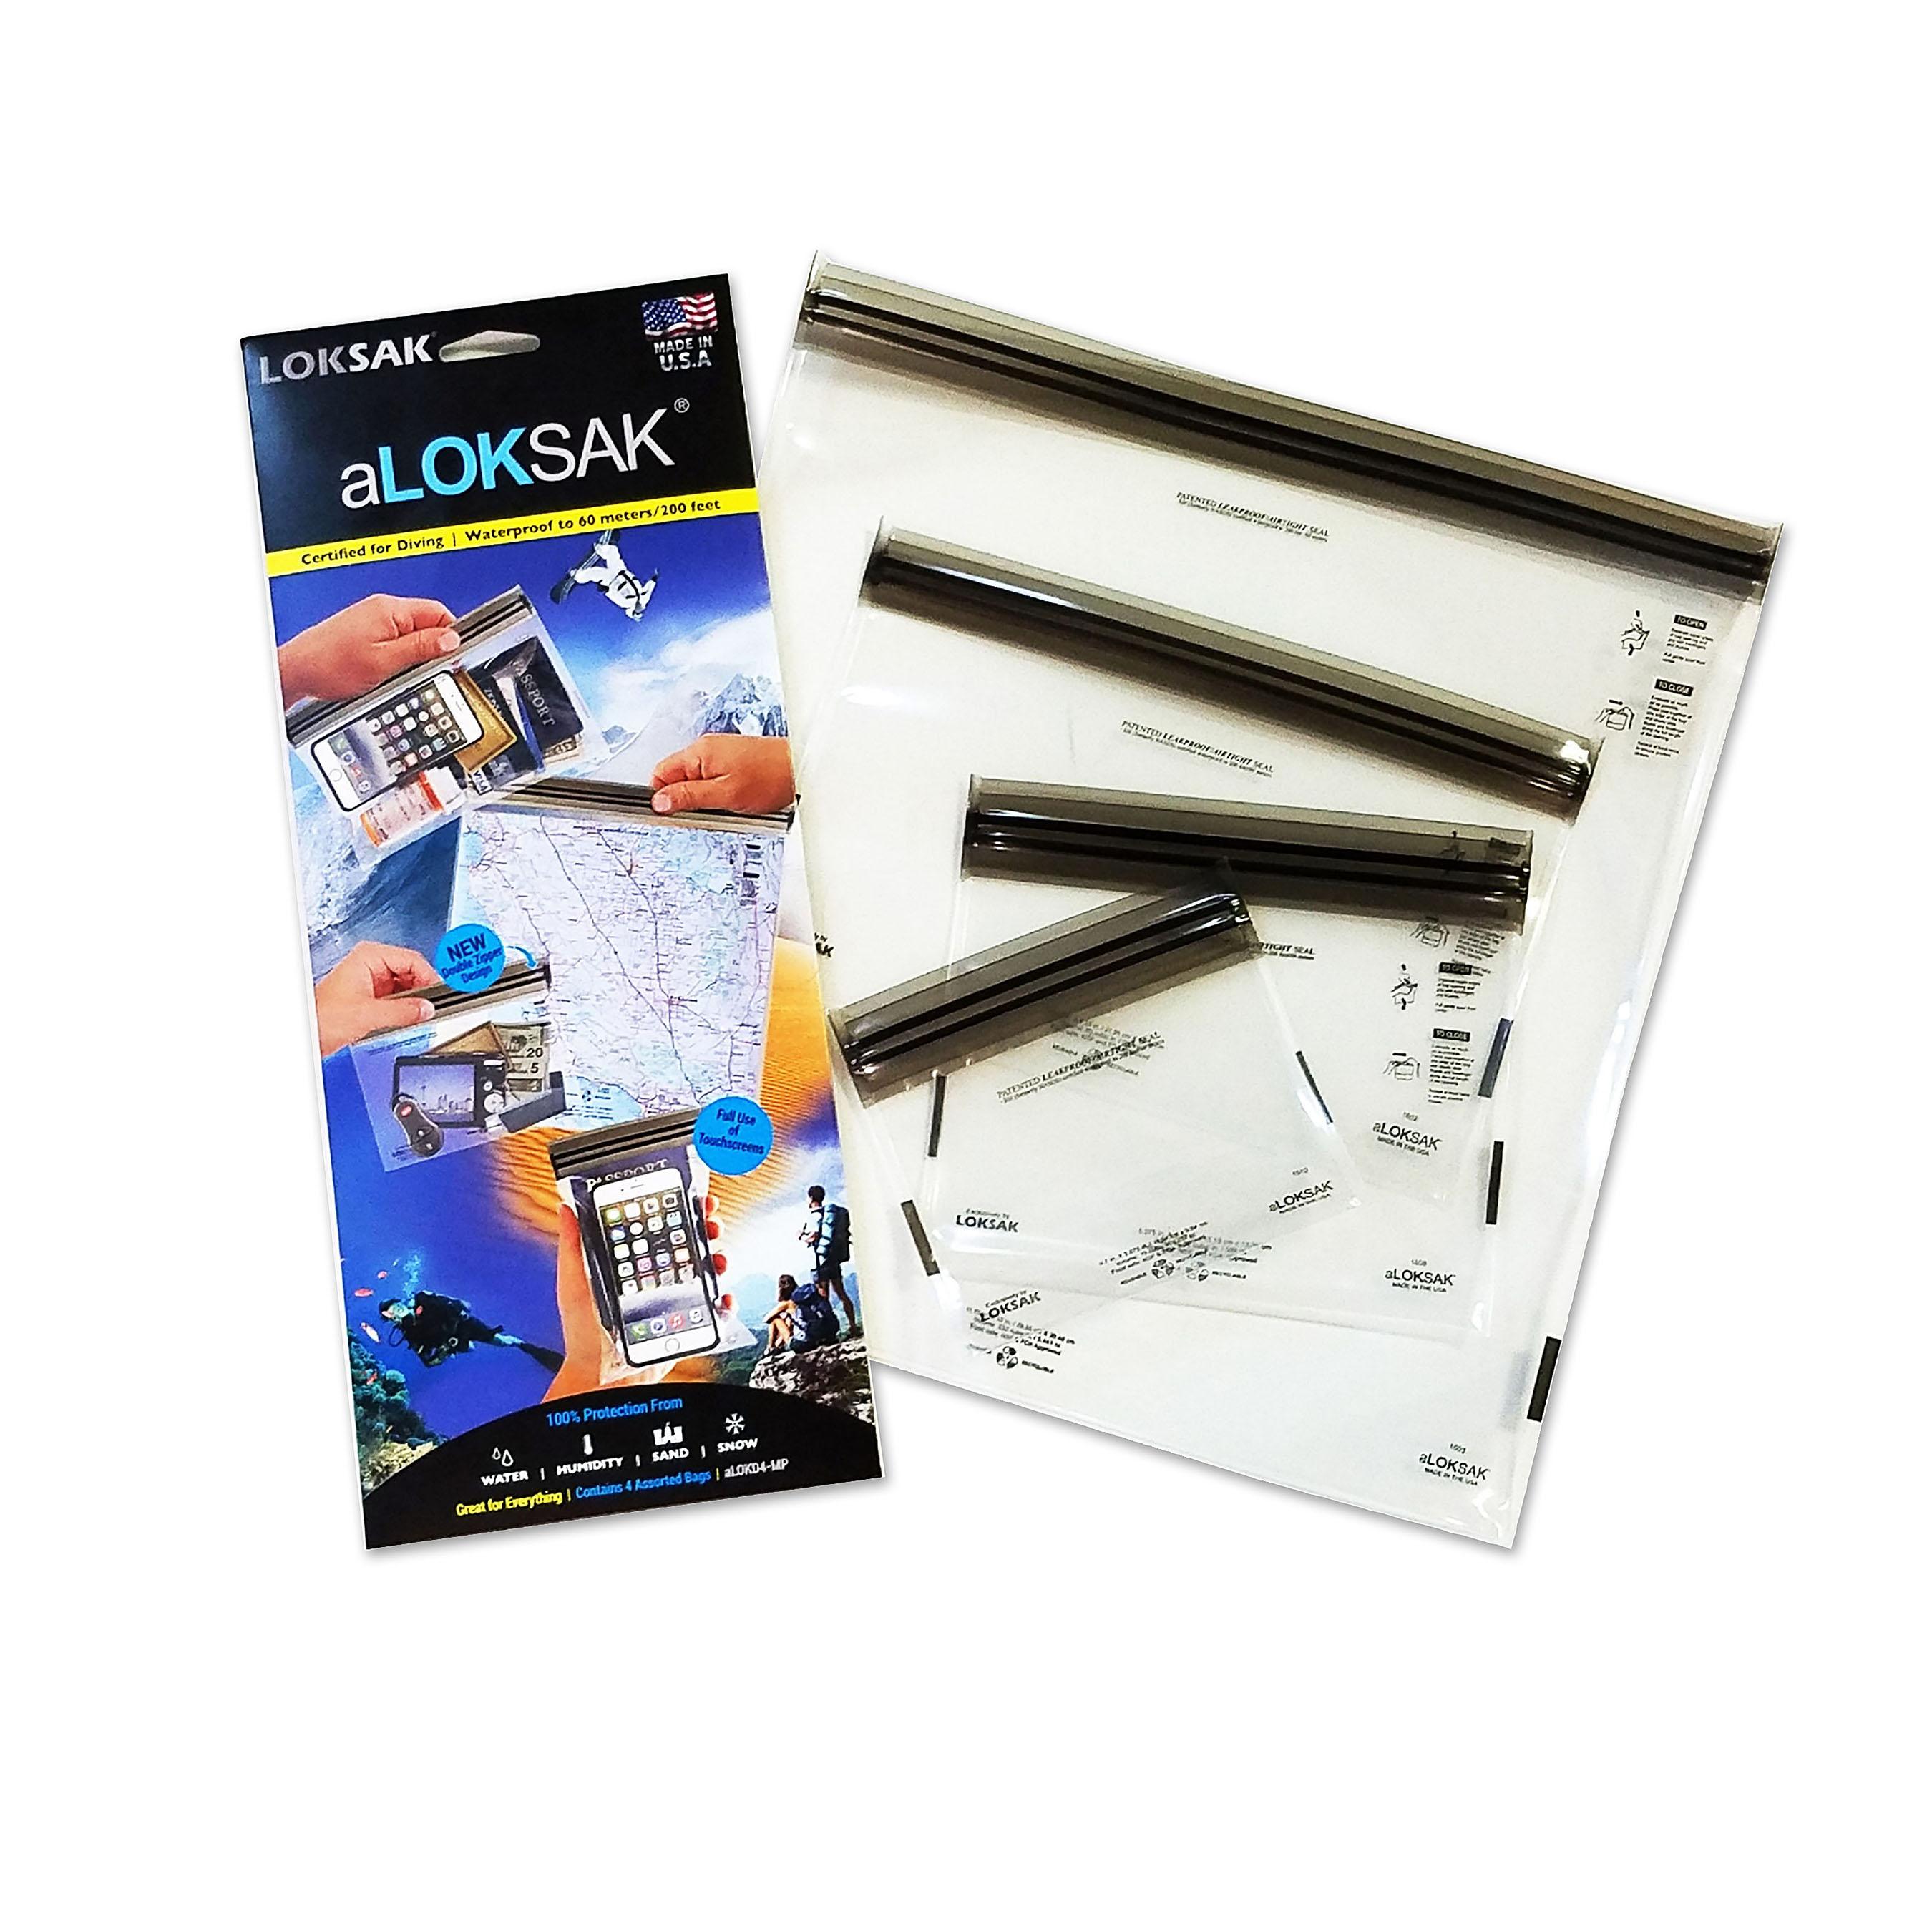 Leak-proof/Seal-proof bags